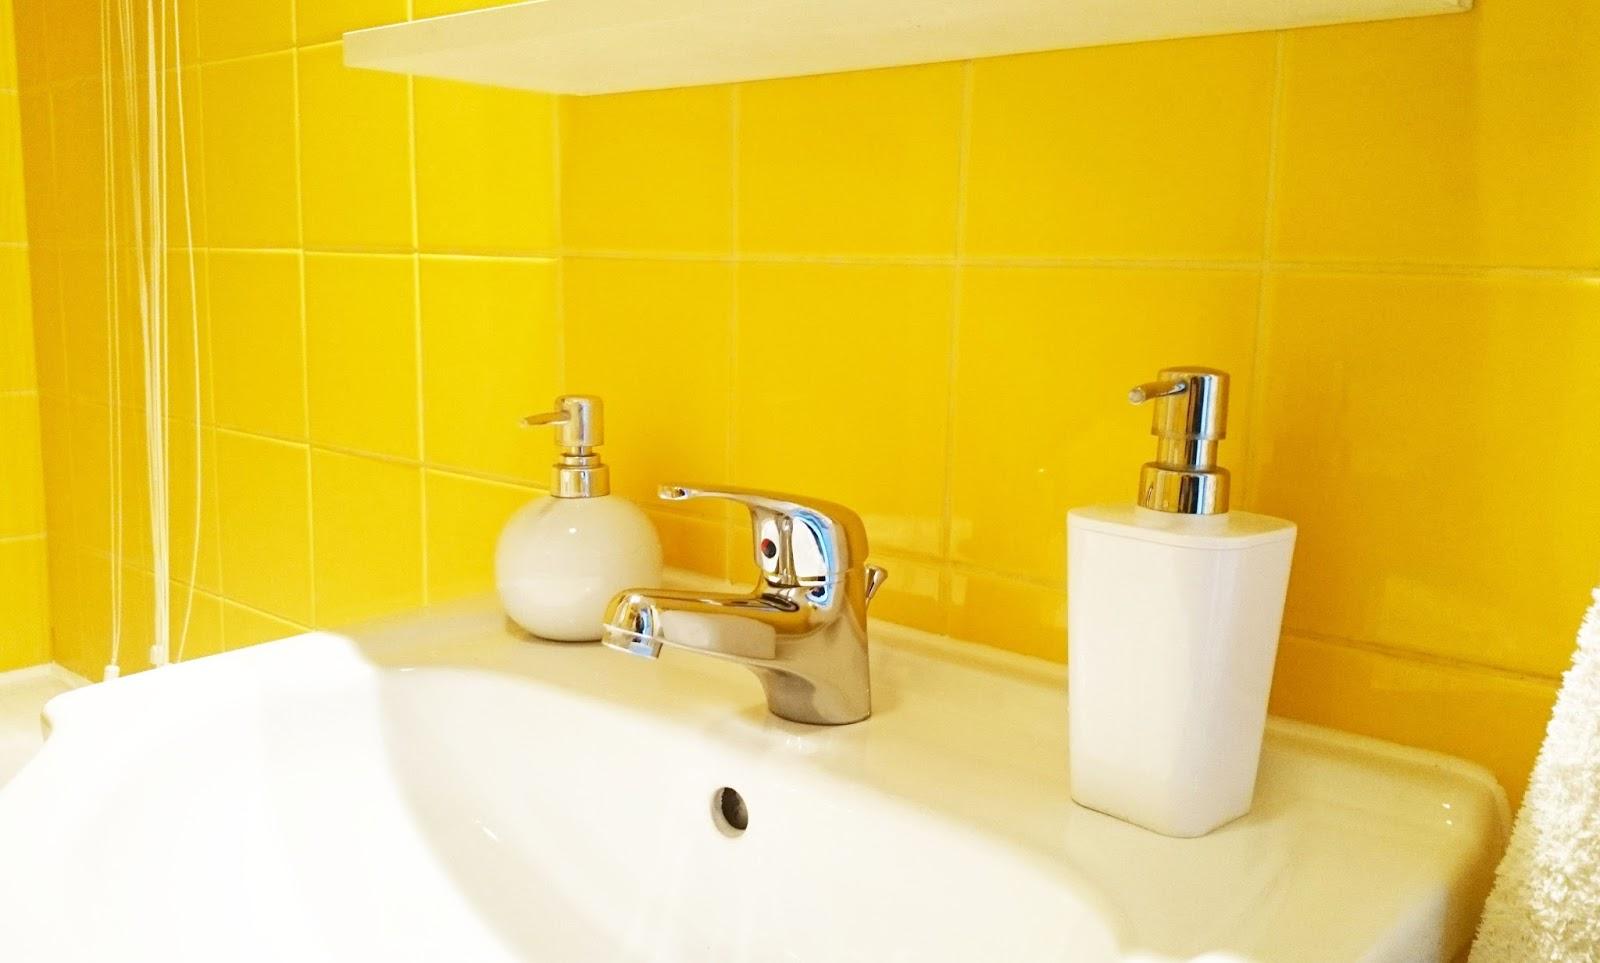 Jak Urządzić Małe Mieszkanie 5 Porad Mała łazienka Jak Spa